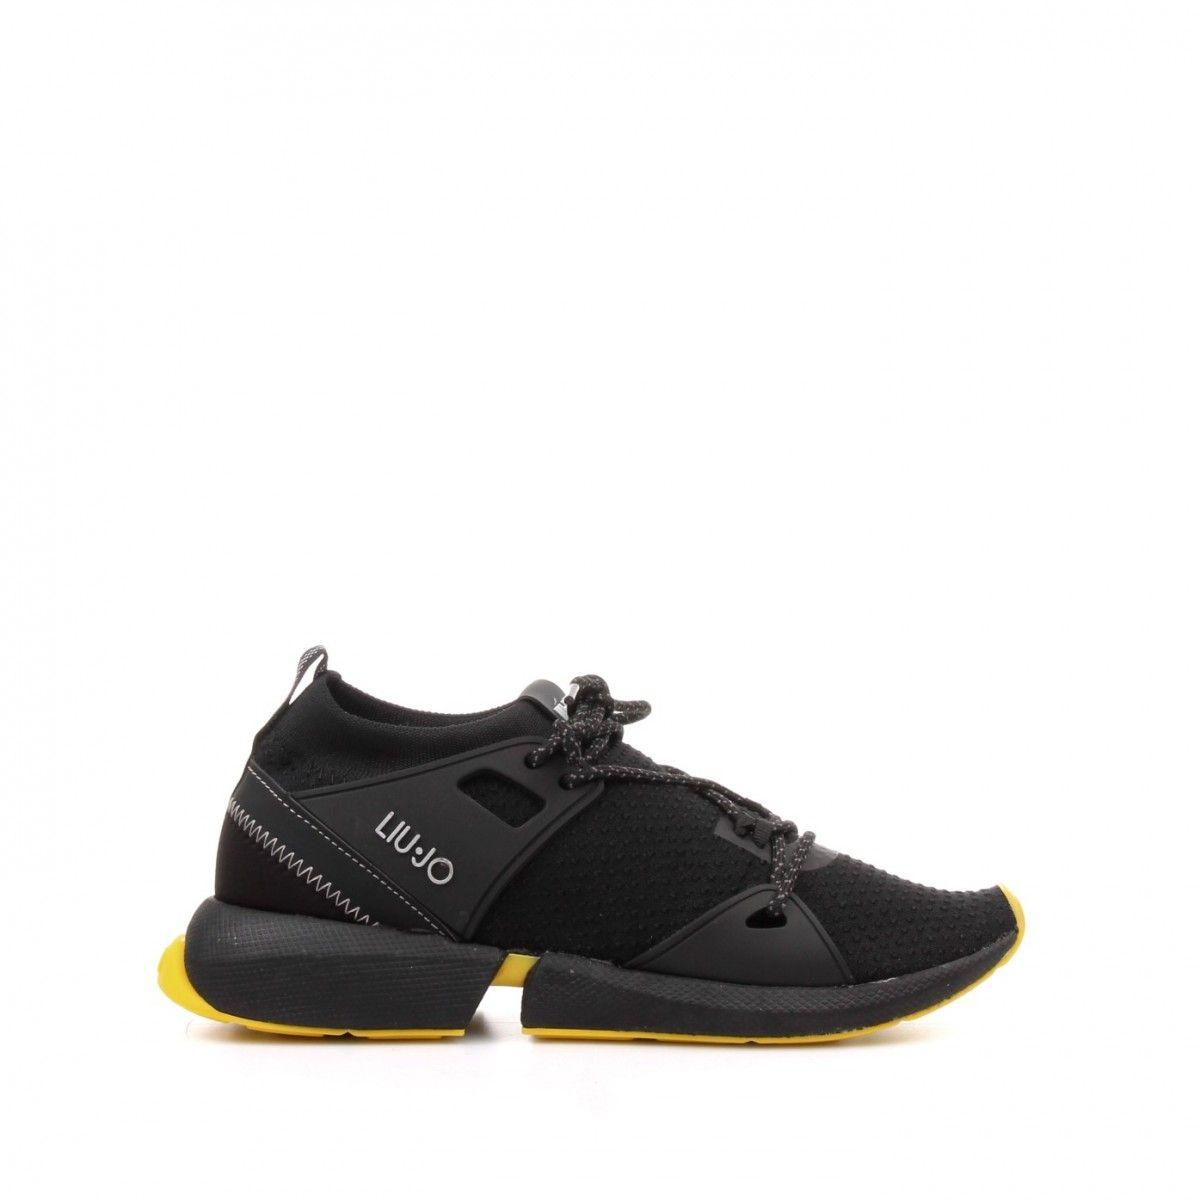 Liu jo Sneaker Nero Gomma...